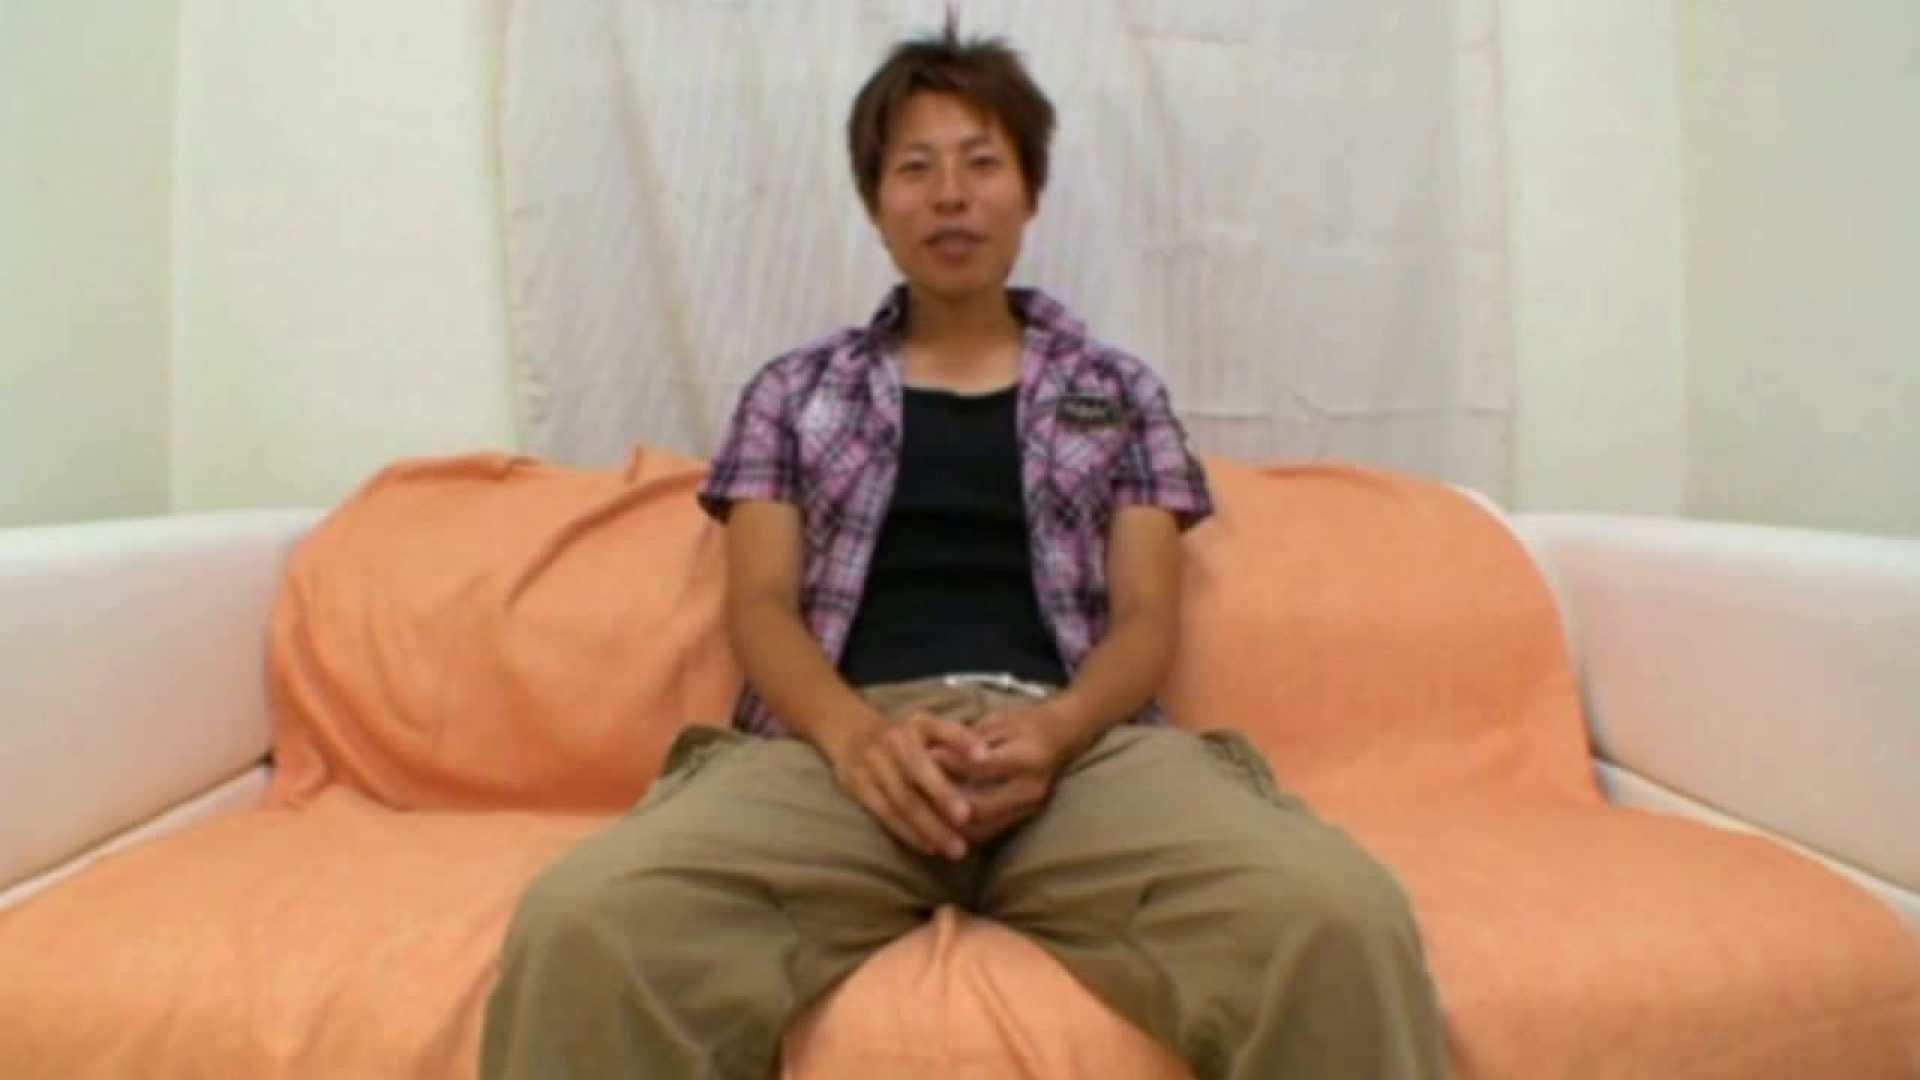 ノンケ!自慰スタジオ No.10 オナニー アダルトビデオ画像キャプチャ 113枚 54